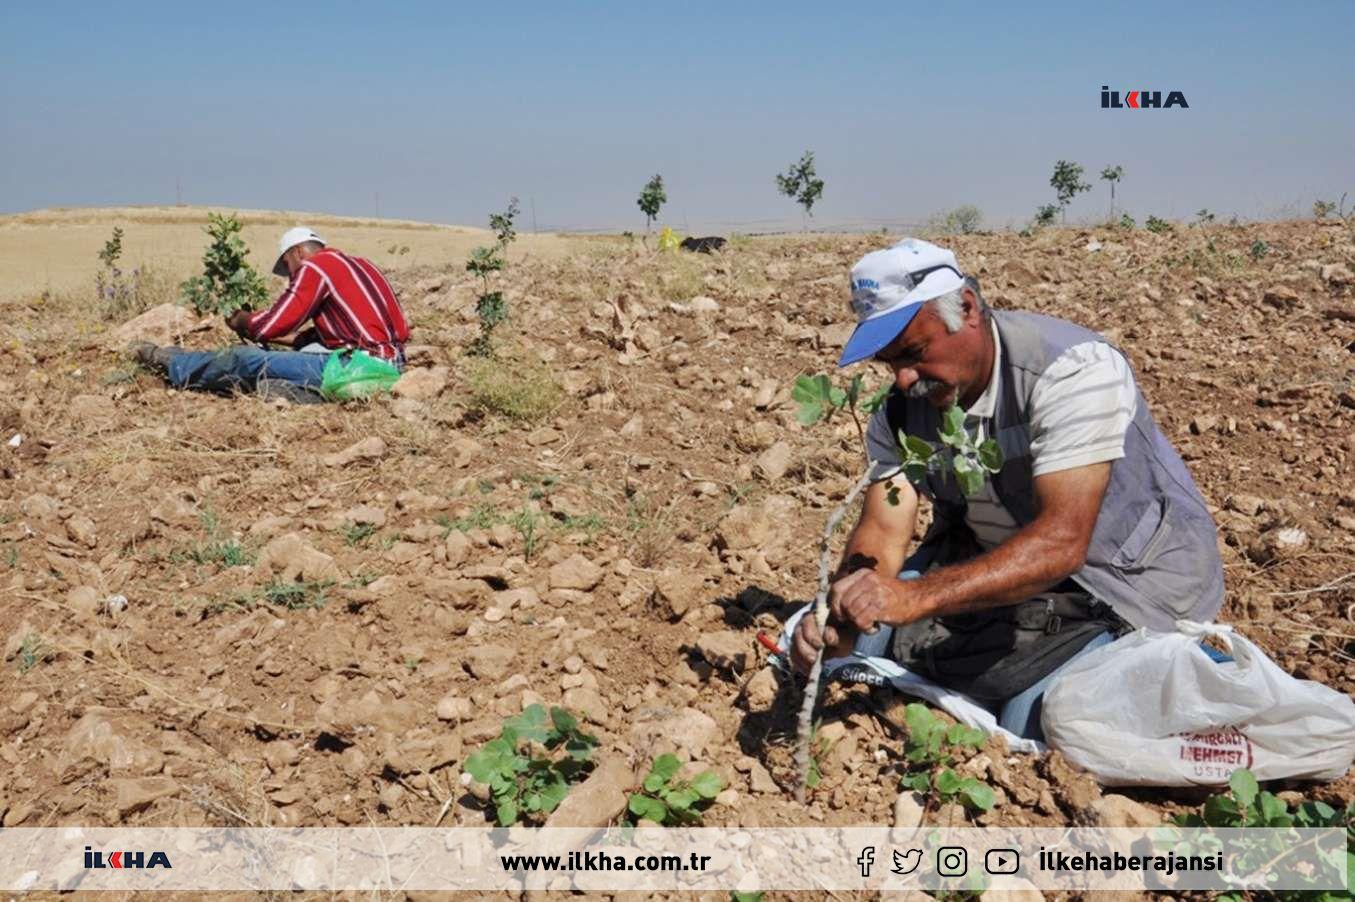 Türkiyenin yüzde 55i şiddetli kuraklık yaşıyor